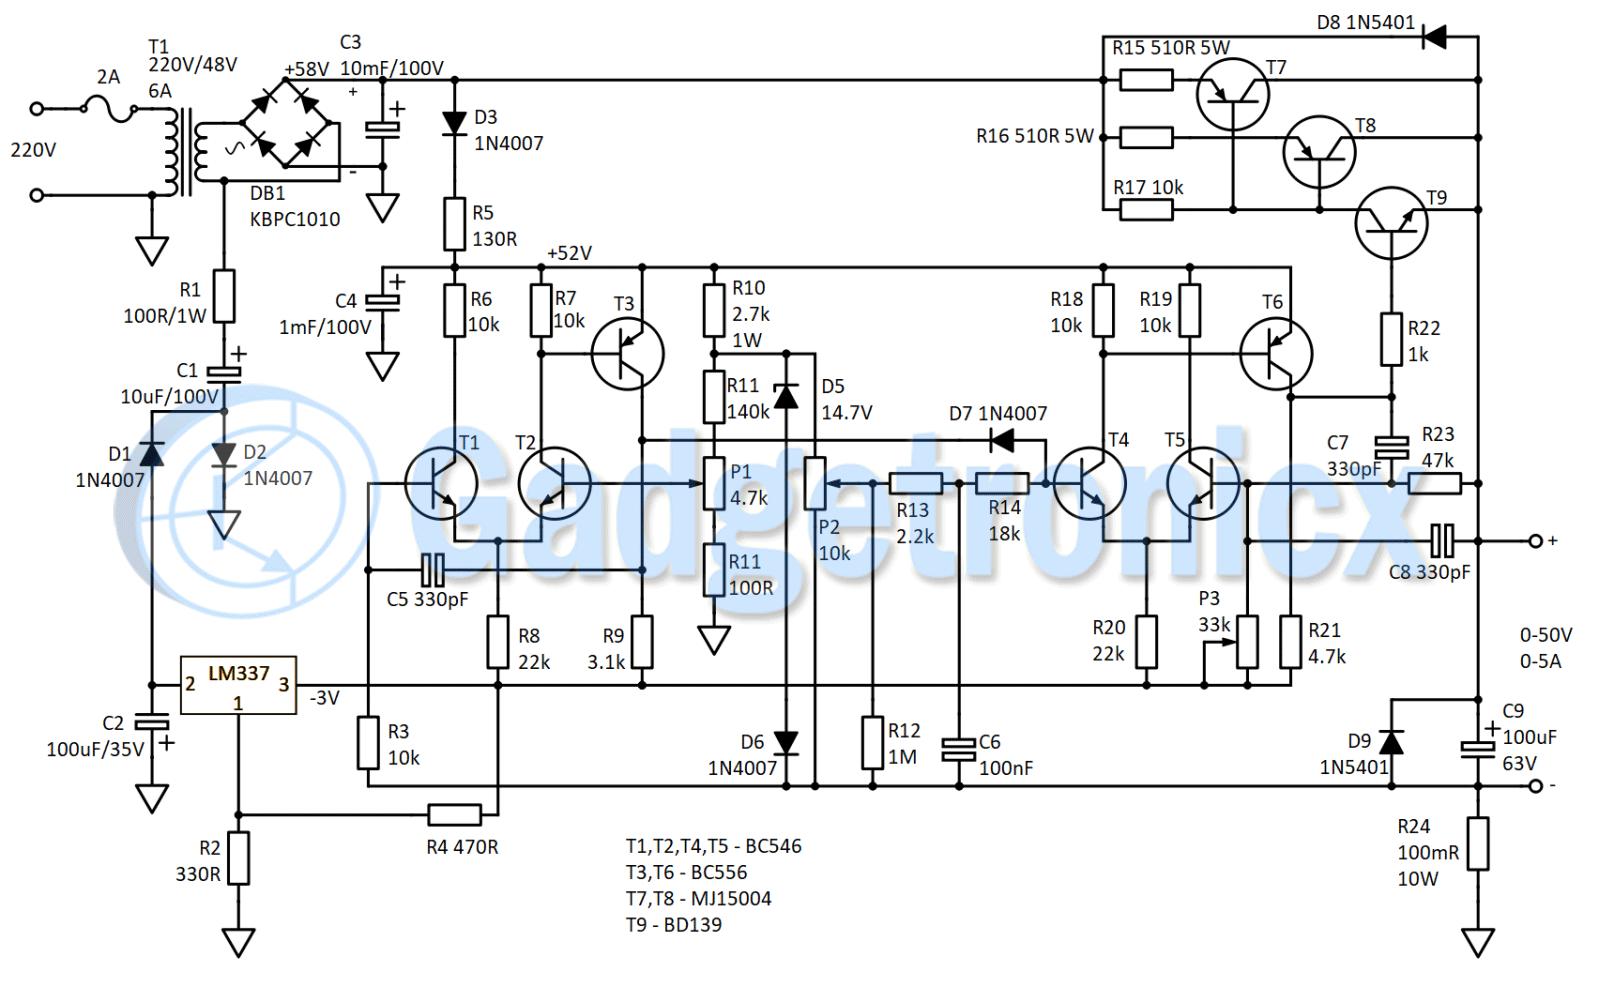 Bench Lab Power Supply 0